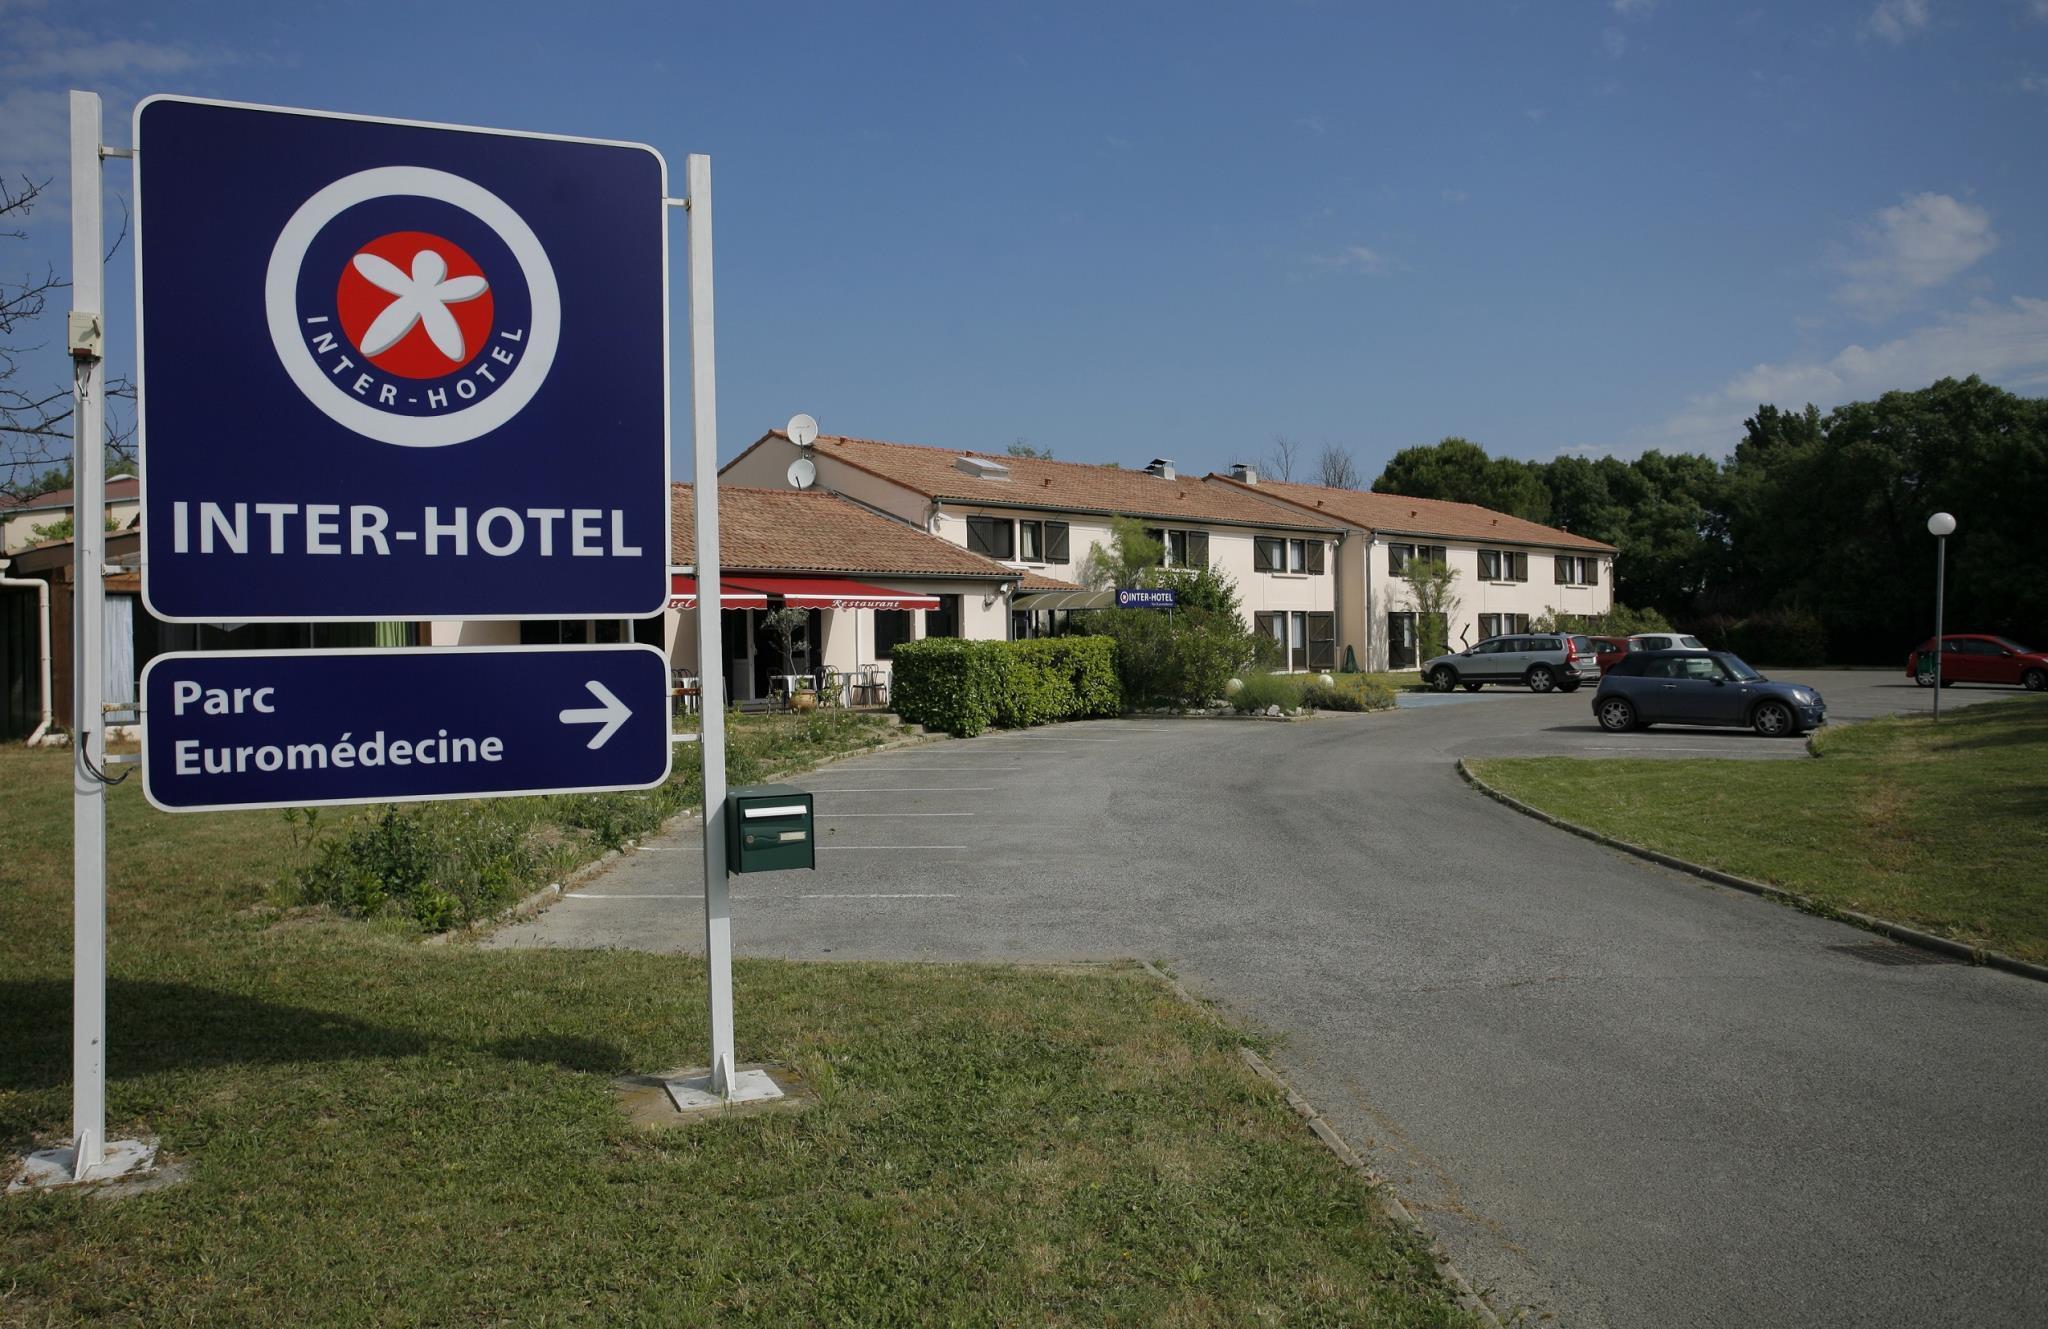 Inter-Hotel Montpellier Parc Euromedecine